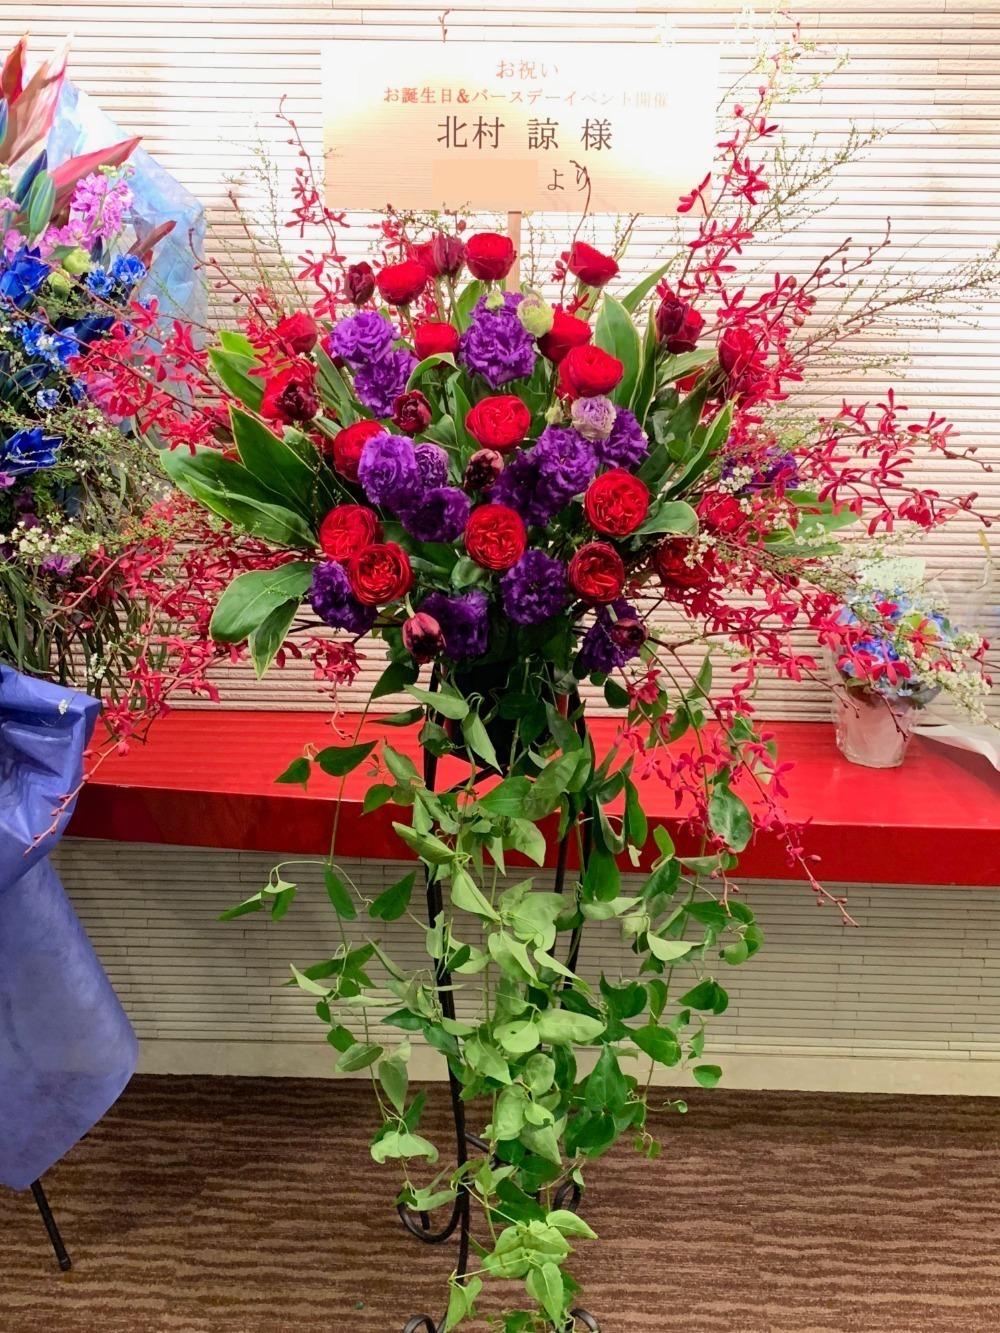 東京証券会館 バースデーイベント 北村諒様ご出演祝いのスタンド花|